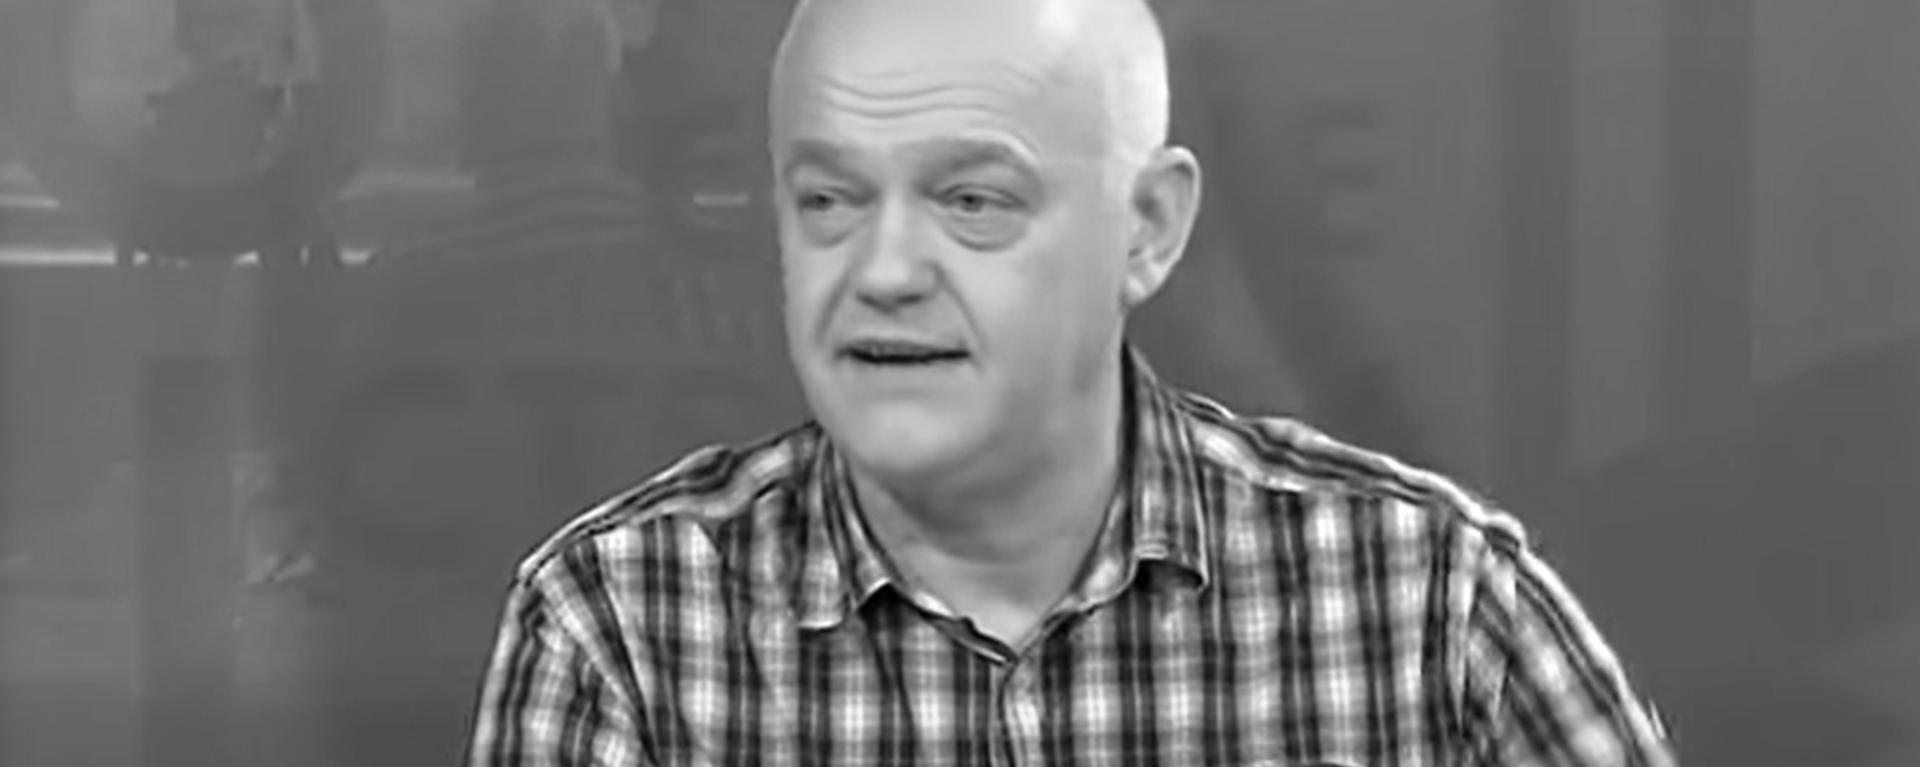 Nenad Nenadović - Sputnik Srbija, 1920, 23.09.2021